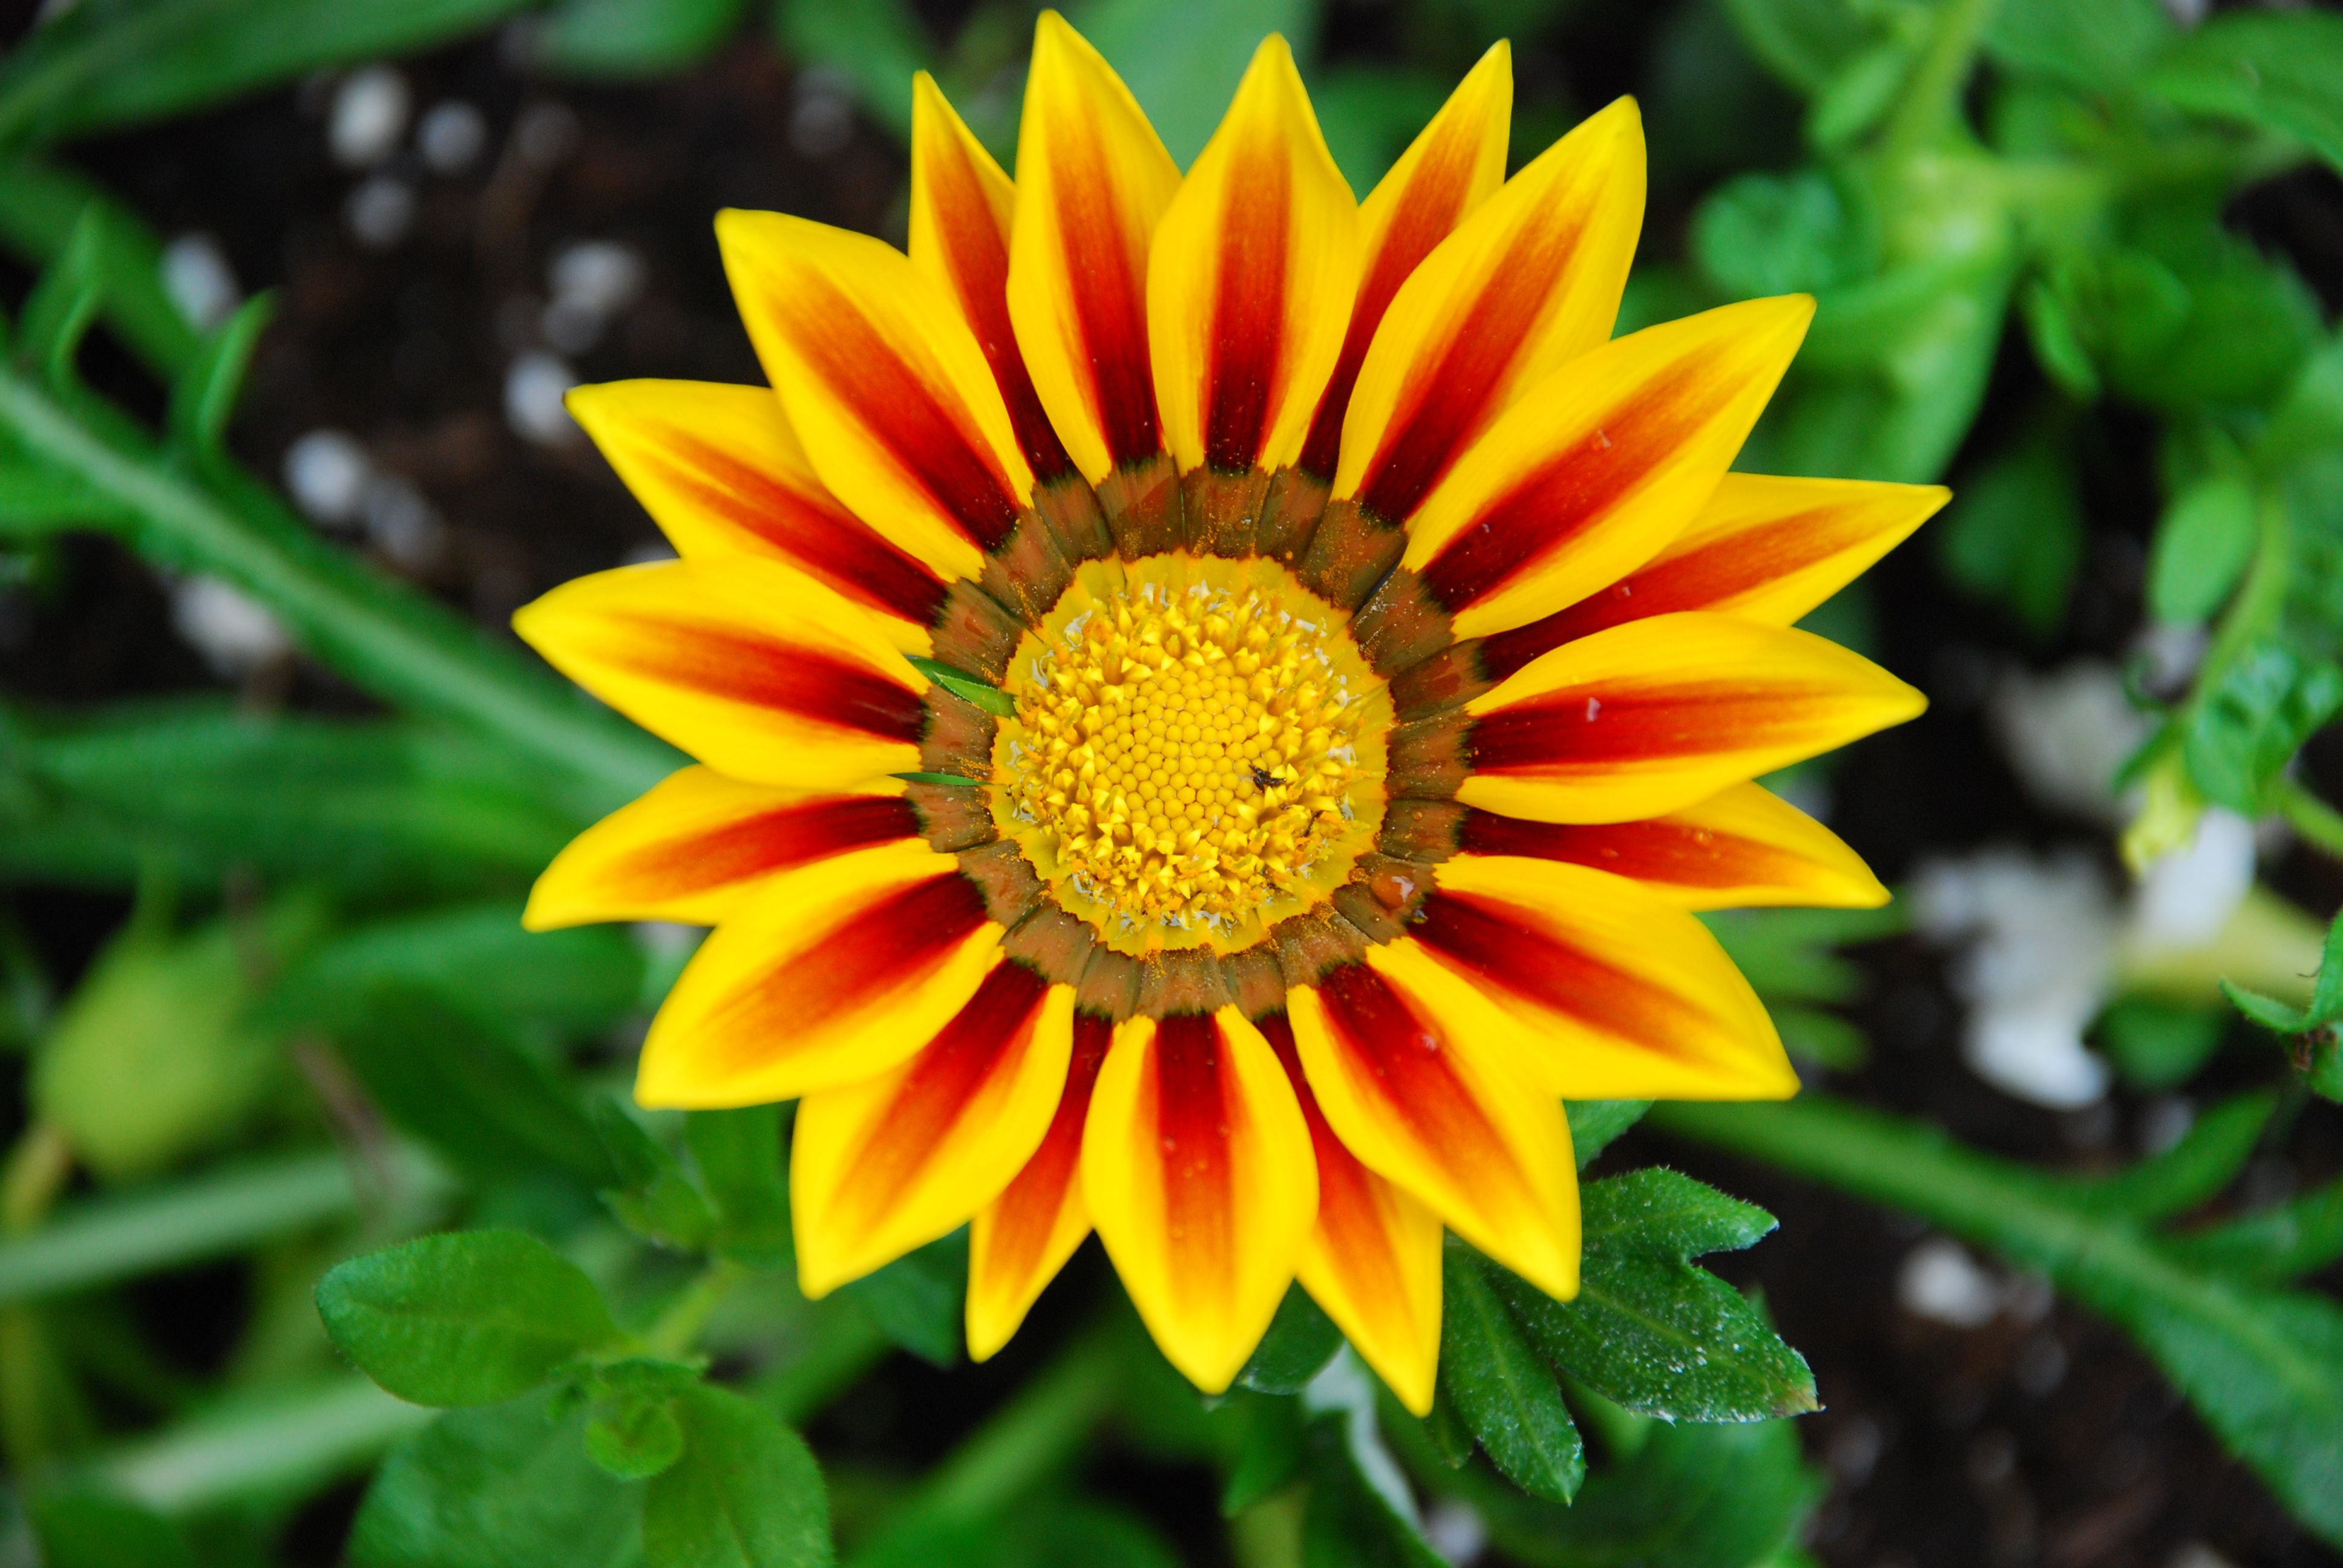 High Resolution Flower Wallpaper: Flowers Images High Resolution Wallpaper